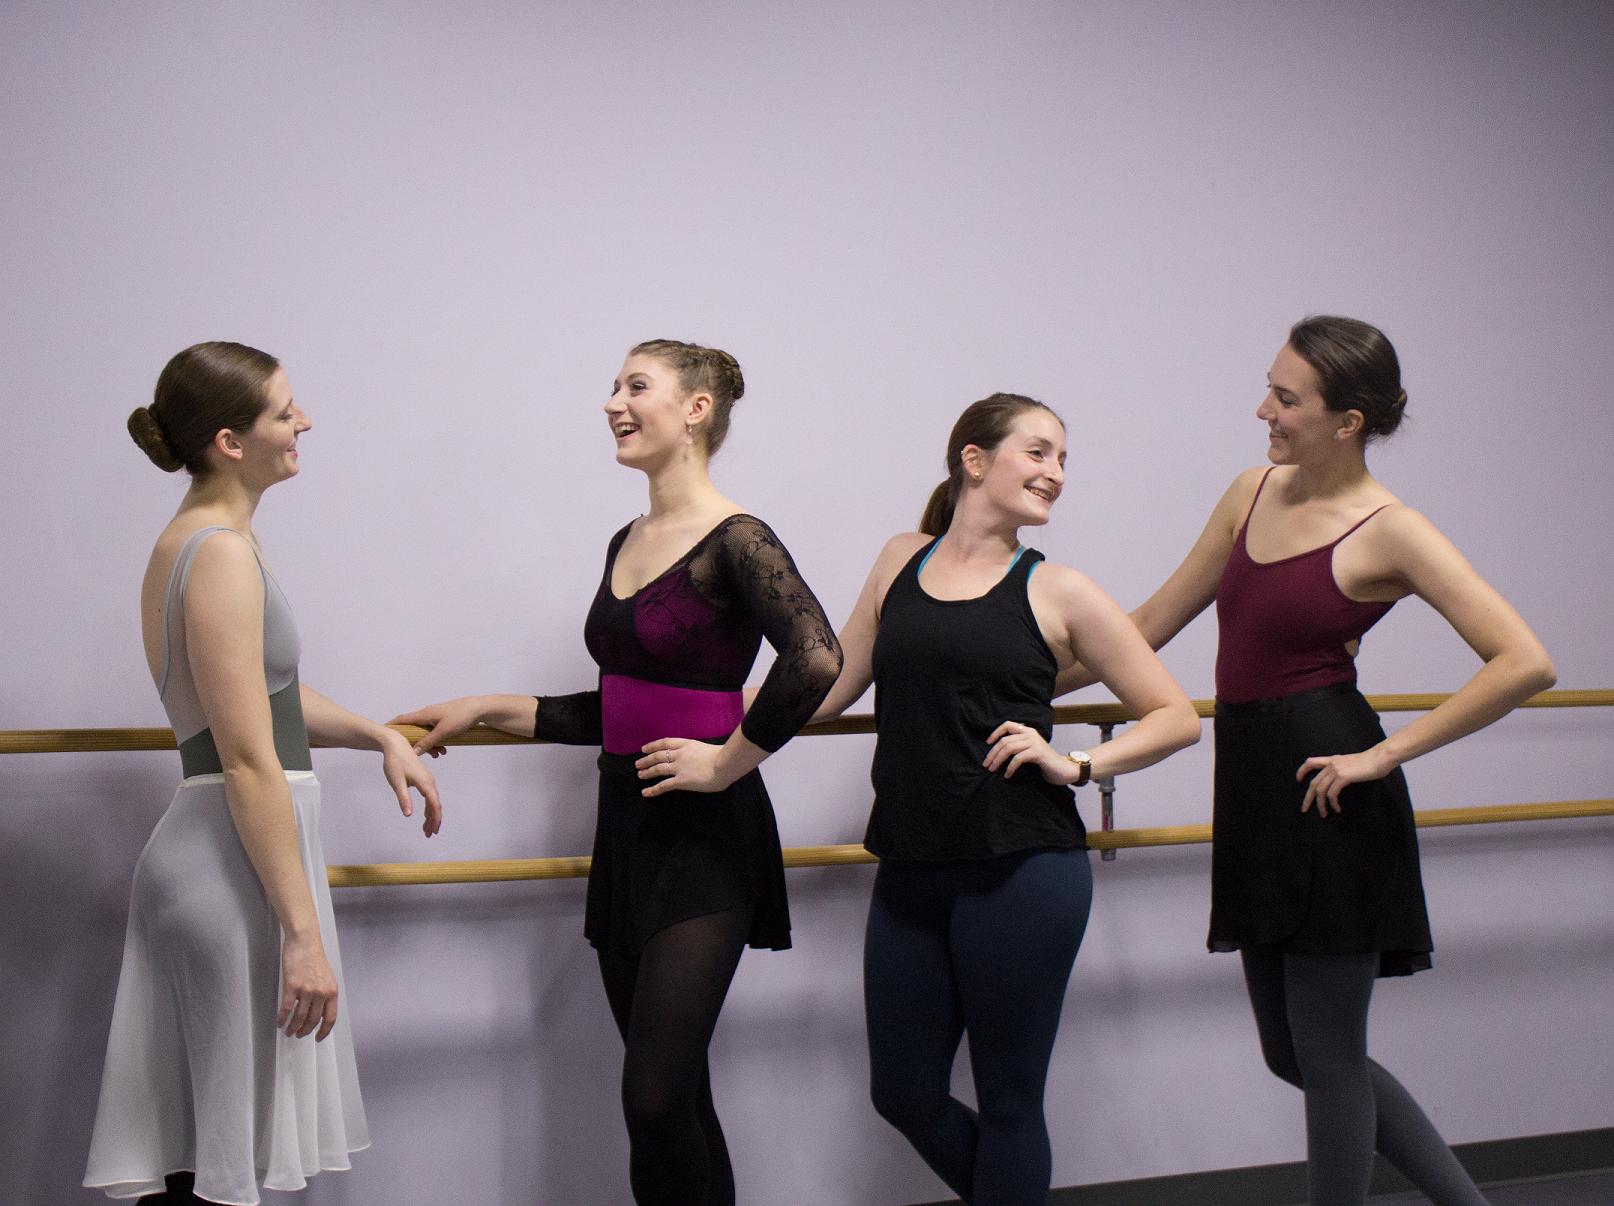 At joffrey academy, a ballet class for beginners